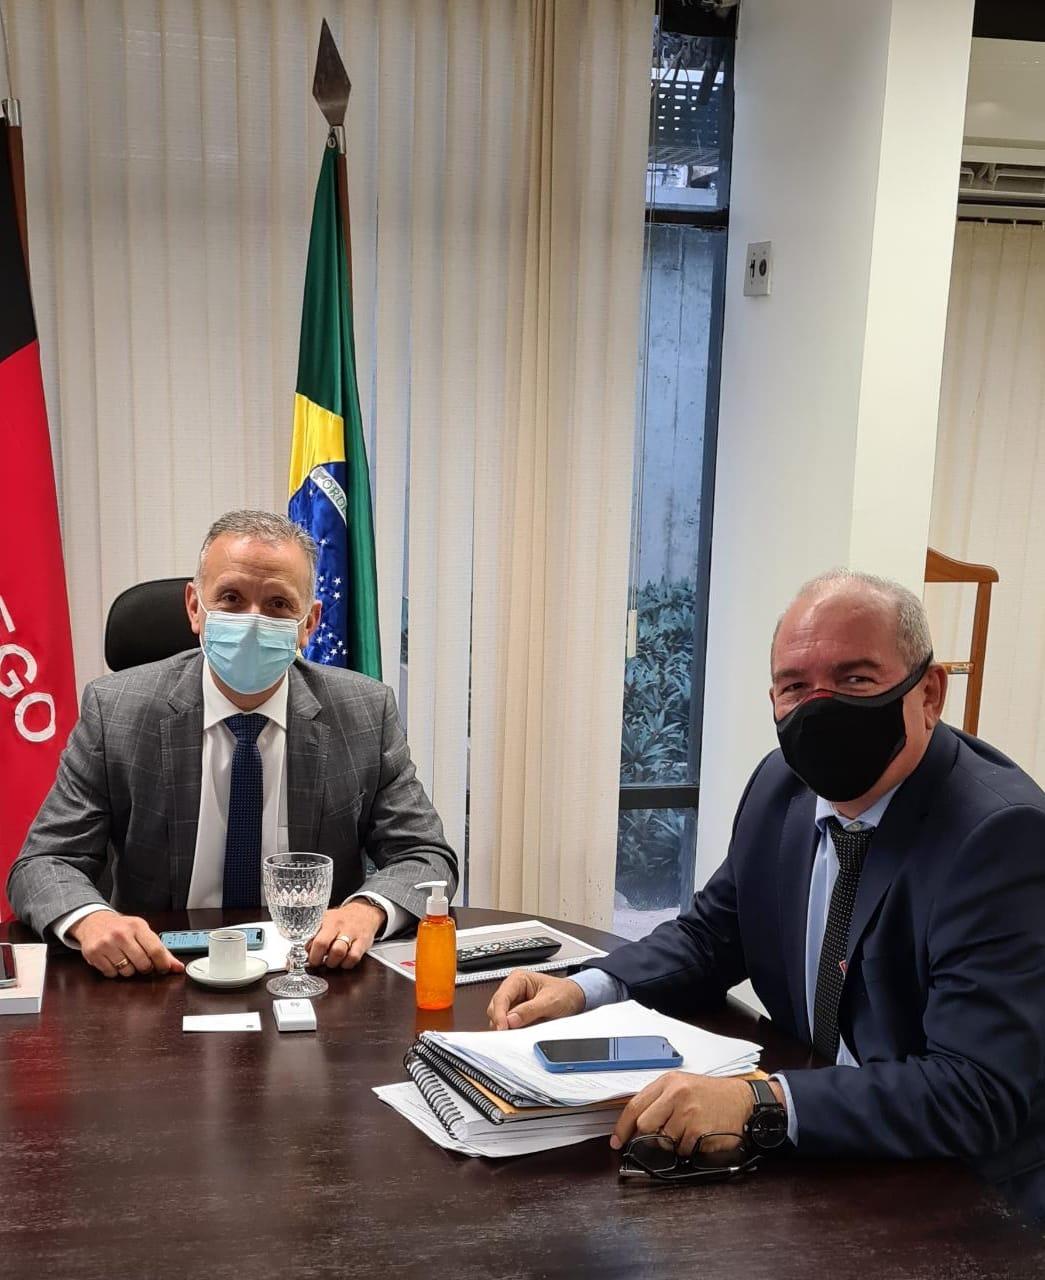 WhatsApp Image 2021 08 19 at 13.09.49 1 - Deputado Aguinaldo Ribeiro recepciona prefeitos em Brasília e atende demandas de cidades paraibanas